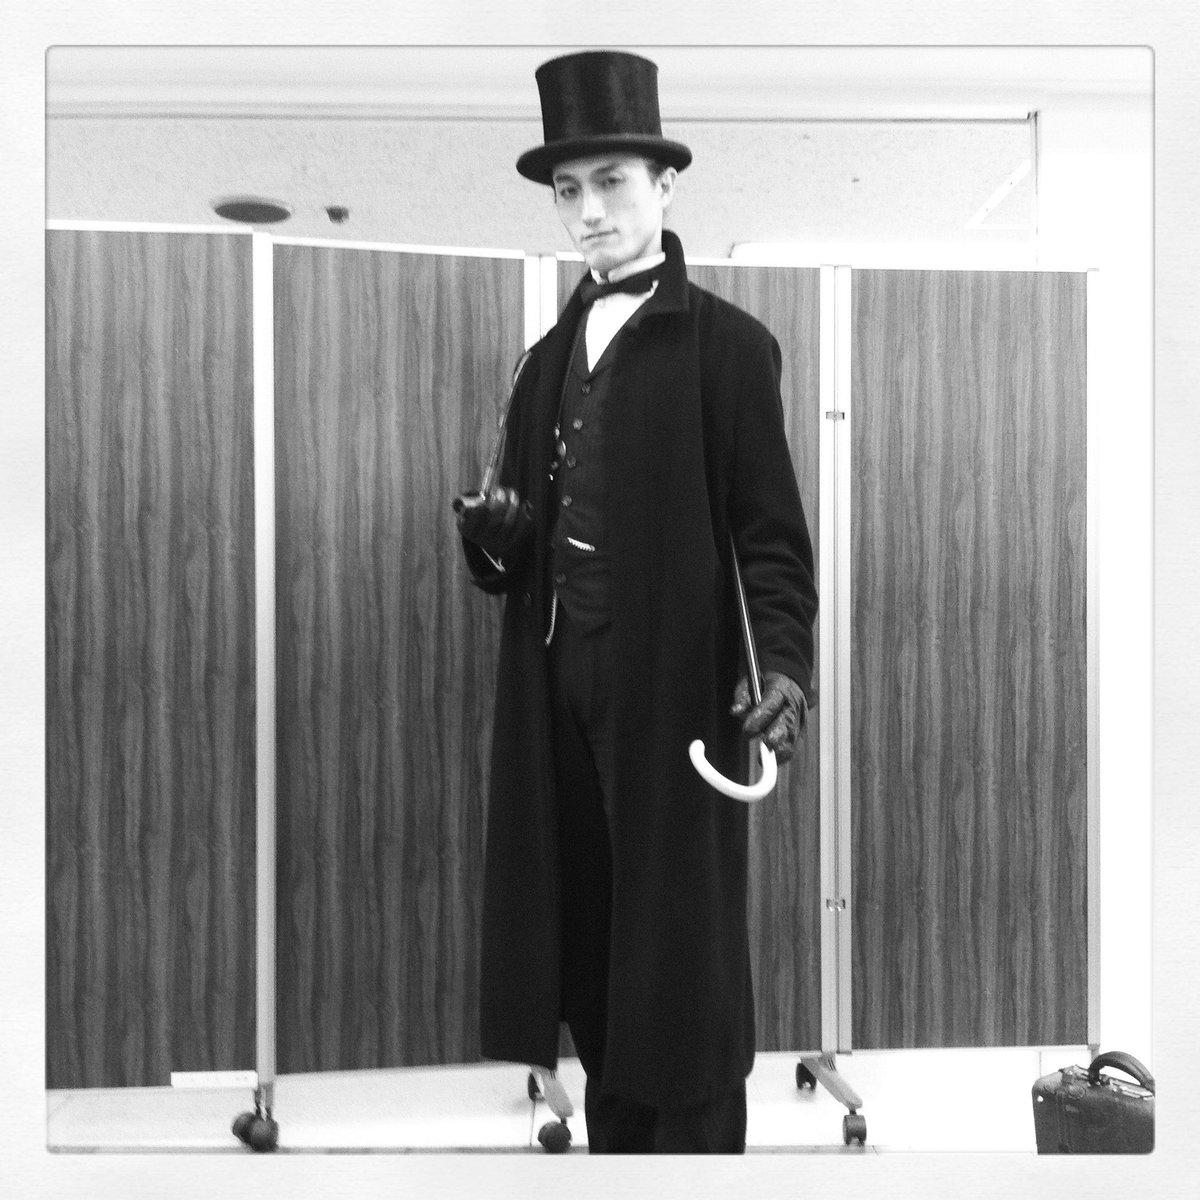 ジェレミー・ブレット版ホームズのコスプレなどもしたことがあるのです。 実は。 グラナダホームズ配信おめでとうございますー。『シャーロック・ホームズの冒険 第1話 ボヘミアの醜聞 GYAO!で無料配信中!』 #GYAO